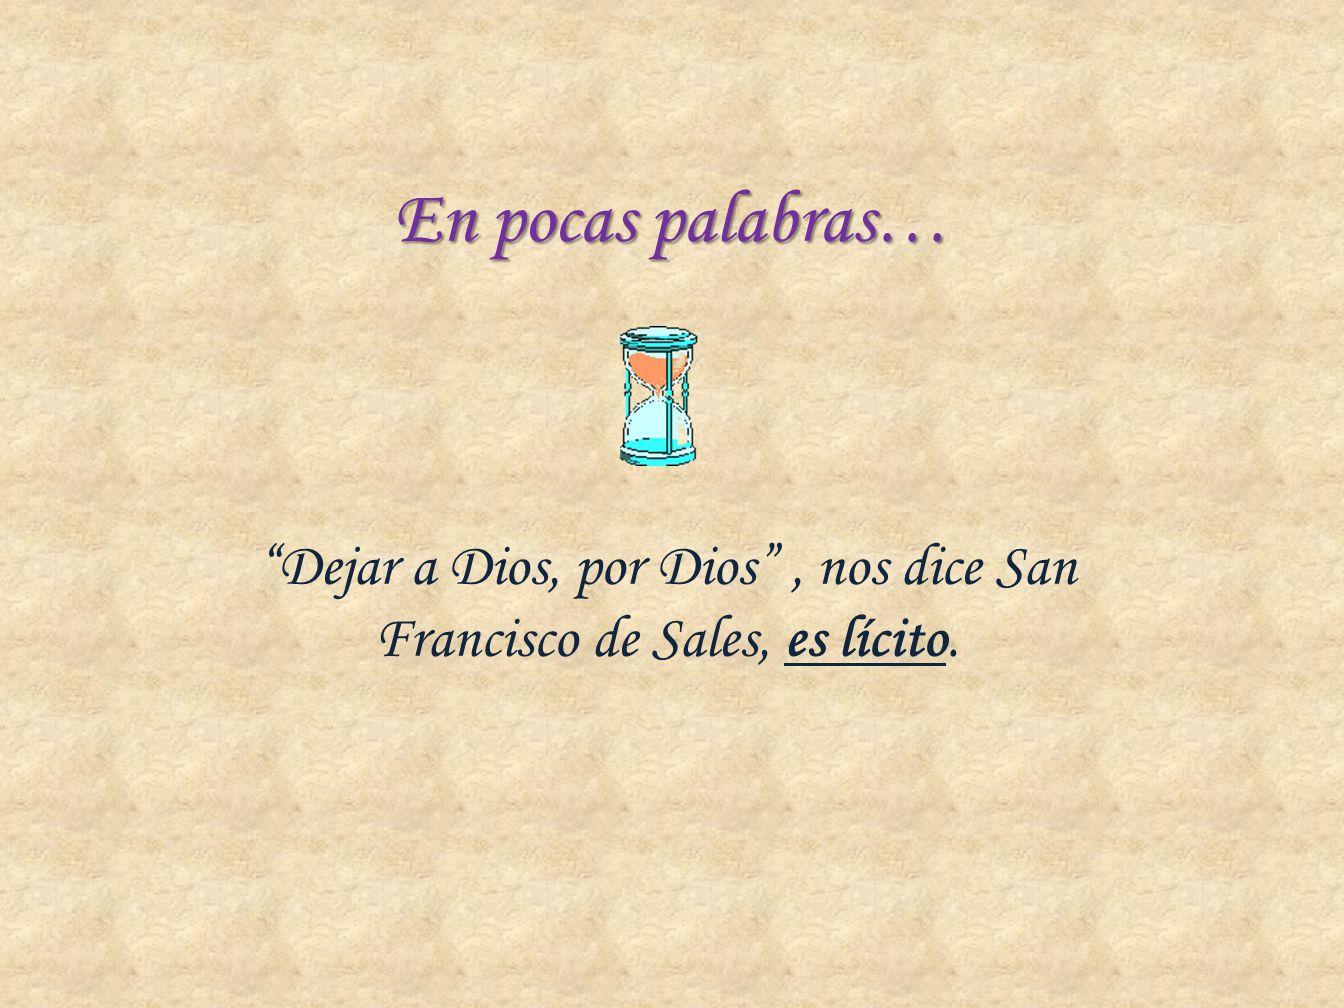 En pocas palabras… Dejar a Dios, por Dios, nos dice San Francisco de Sales, es lícito.